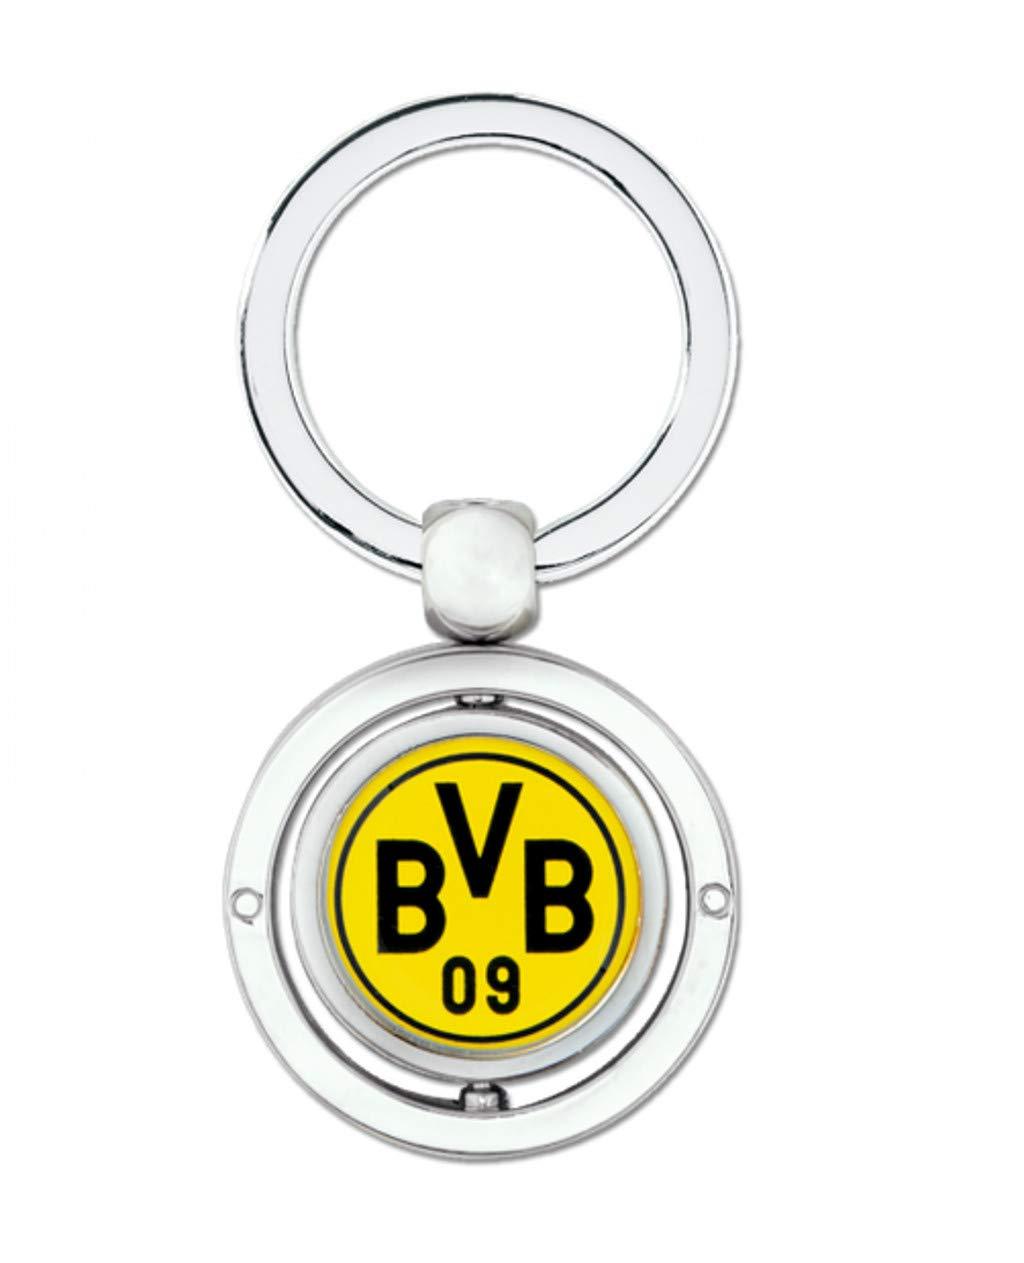 Schlüsselanhänger Retro   Borussia Dortmund Fussball Fanartikel